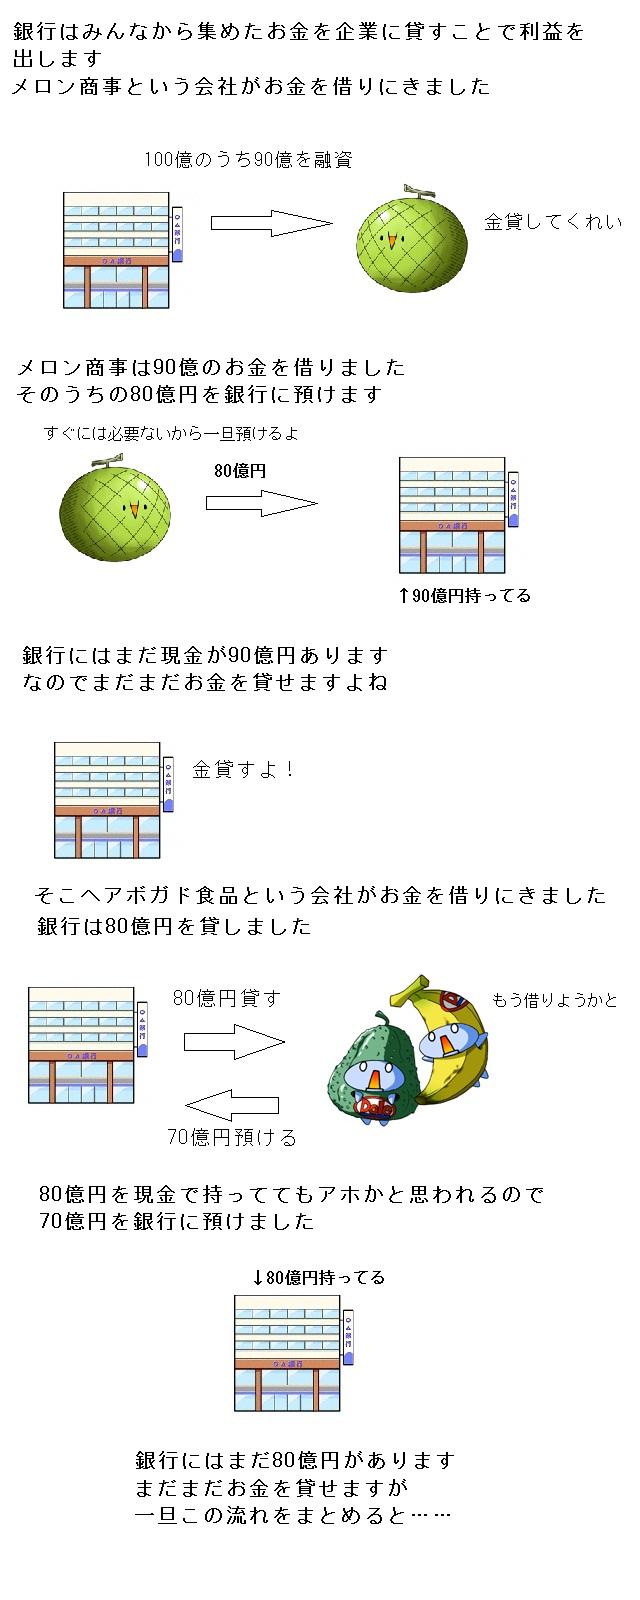 17_20120211034432.jpg